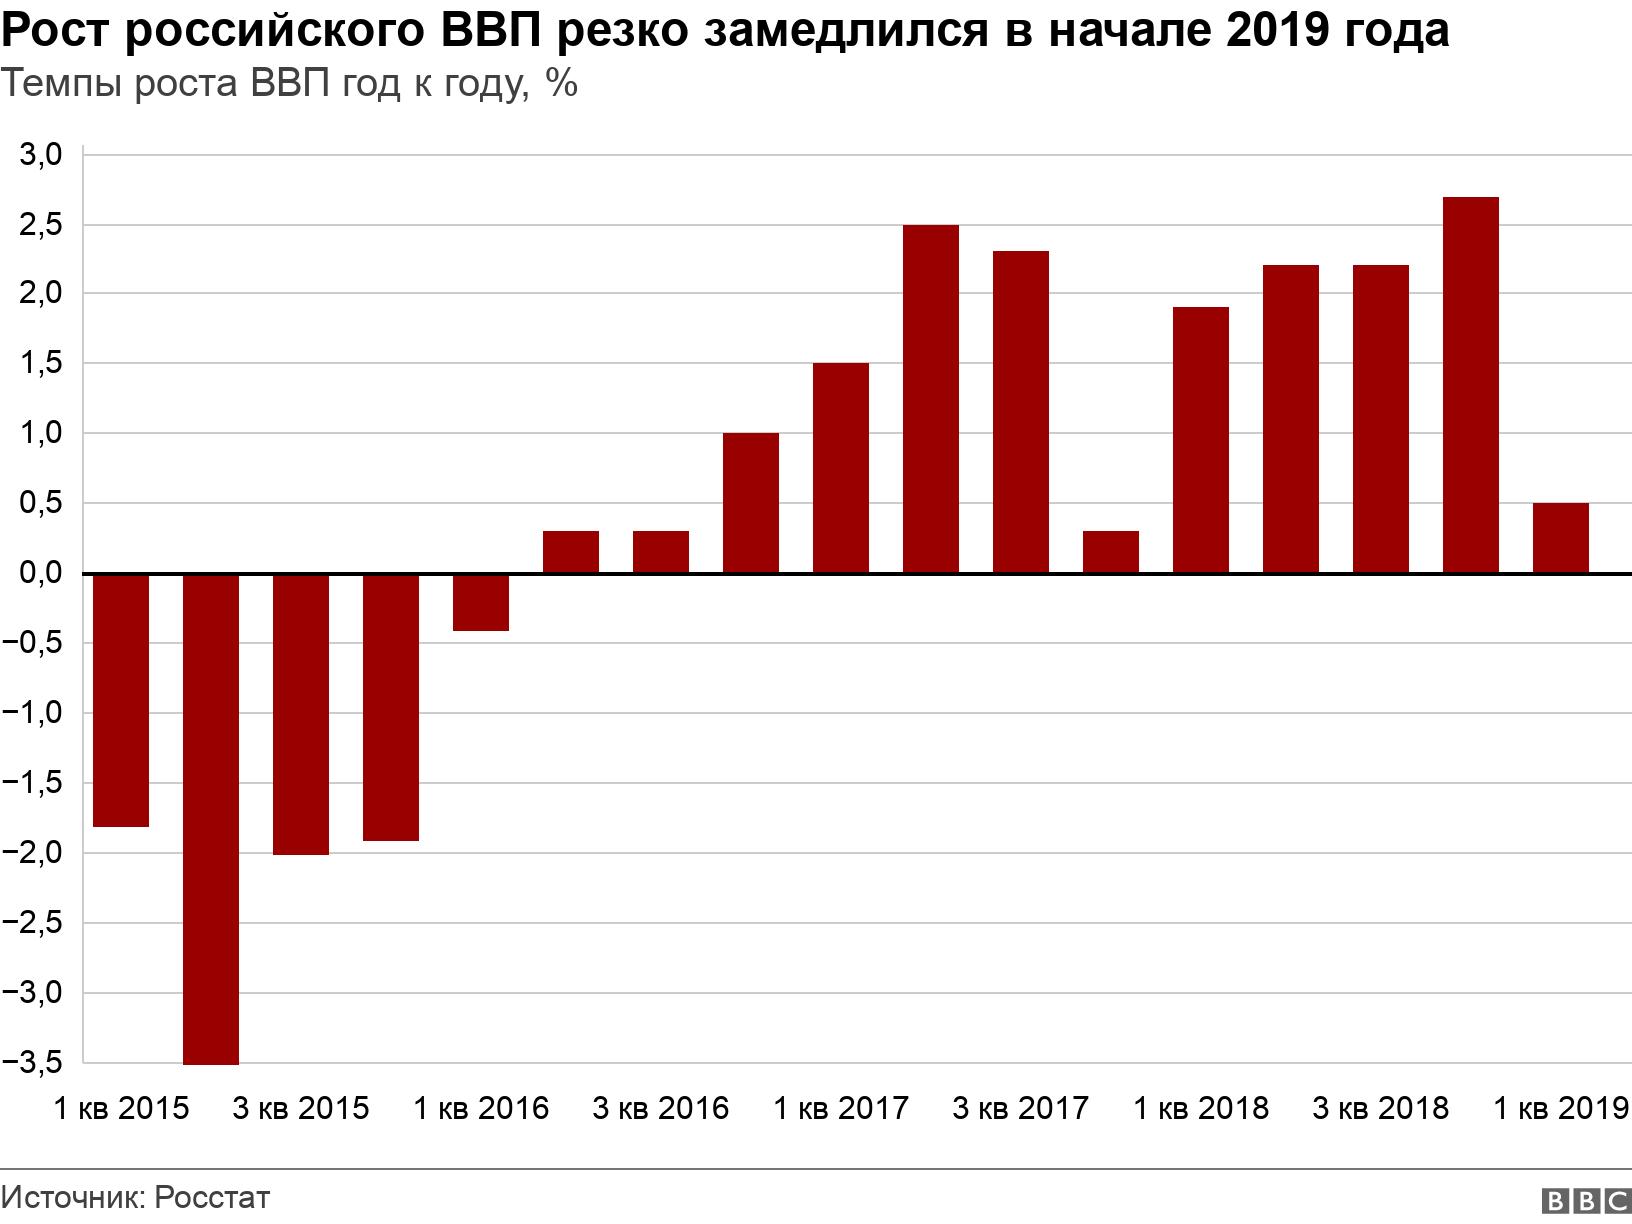 Рост российского ВВП резко замедлился в начале 2019 года. Темпы роста ВВП год к году, %.  .